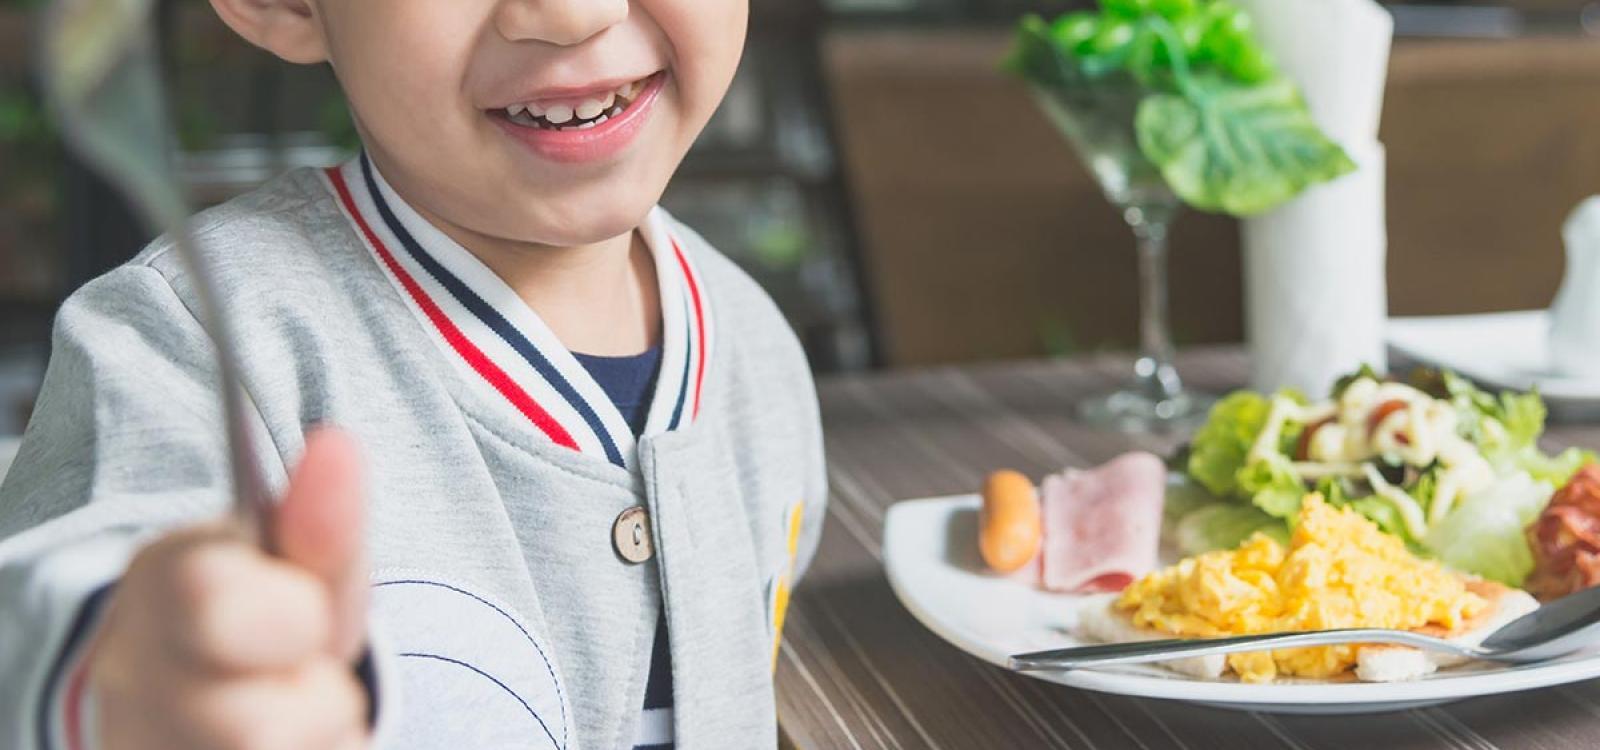 El menú equilibrado y perfecto para niños